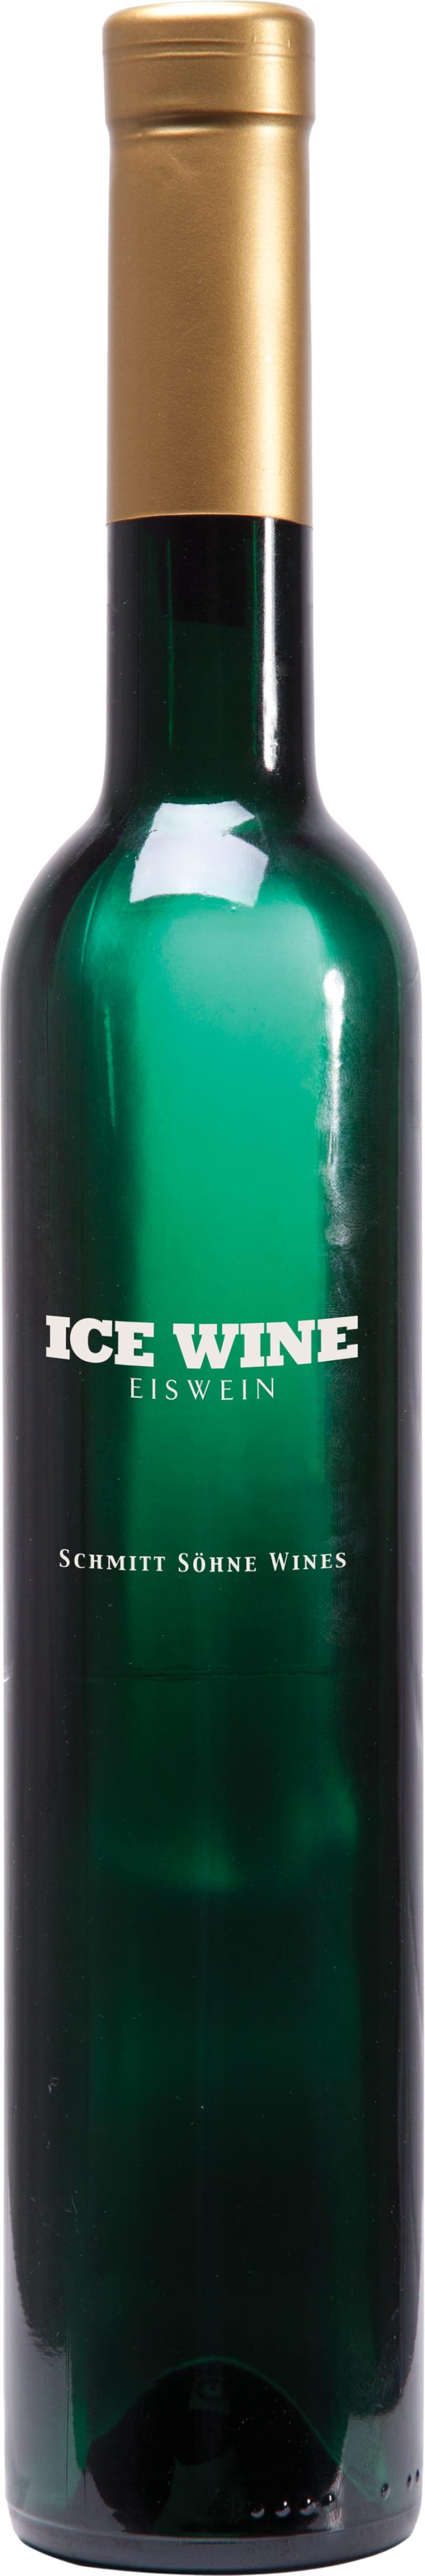 Schmitt Sohne Rheinhessen Ice Wine (500ML) 2016